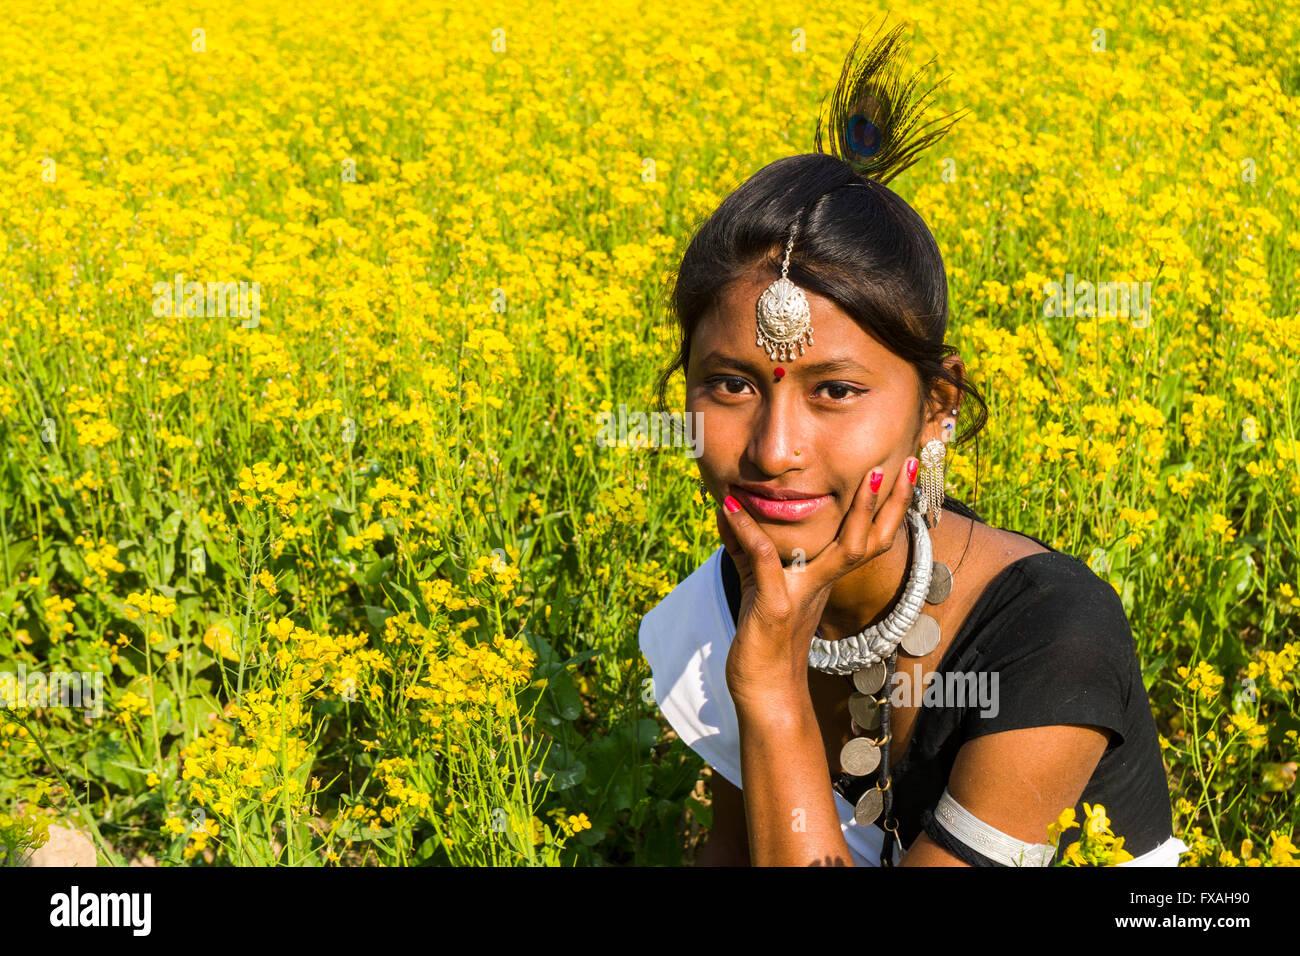 Ritratto di una giovane donna di locali appartenenti alla tribù Tharu, seduti in un giallo senape campo, Sauraha, Immagini Stock